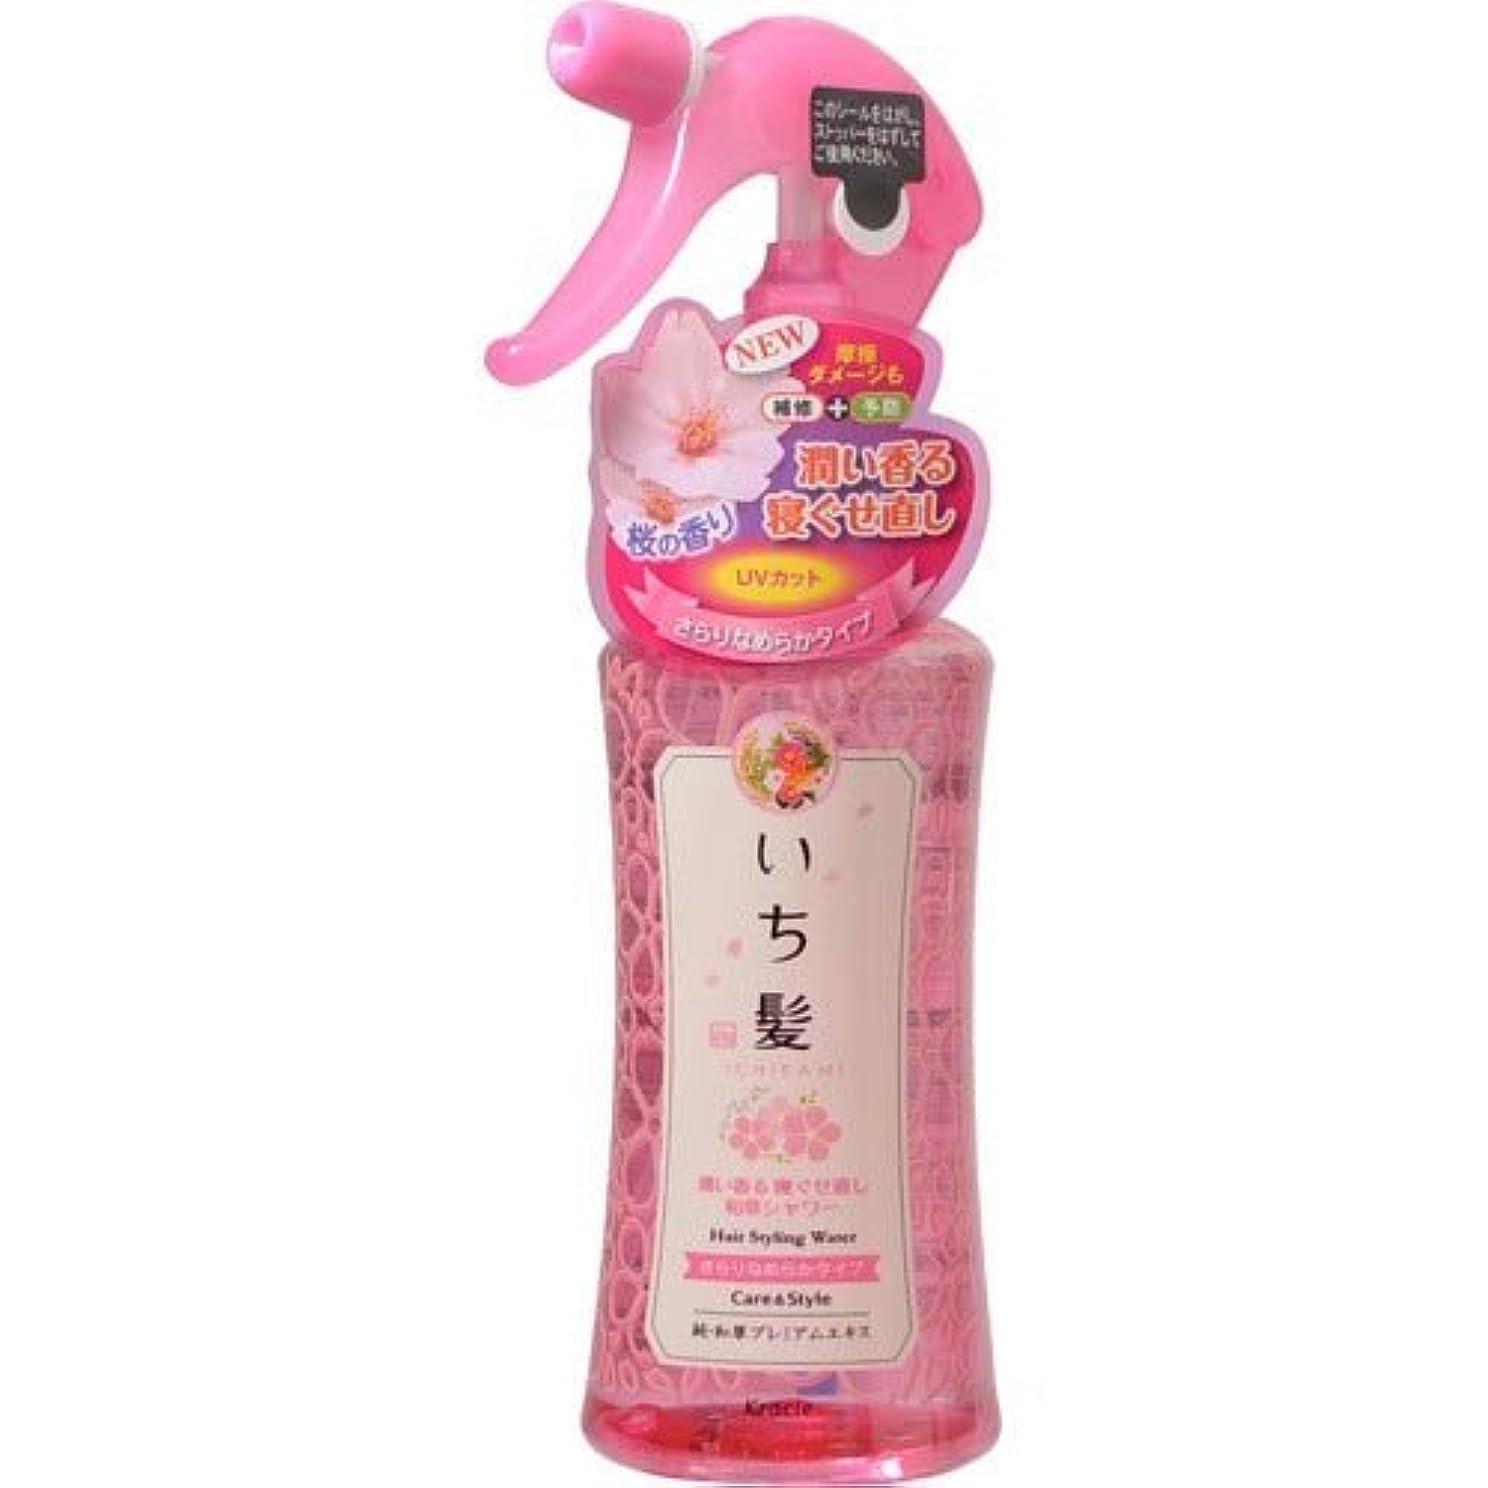 イベント酸化物フェザーいち髪 潤い香る寝ぐせ直し和草シャワー さらりなめらかタイプ 250mL [並行輸入品]